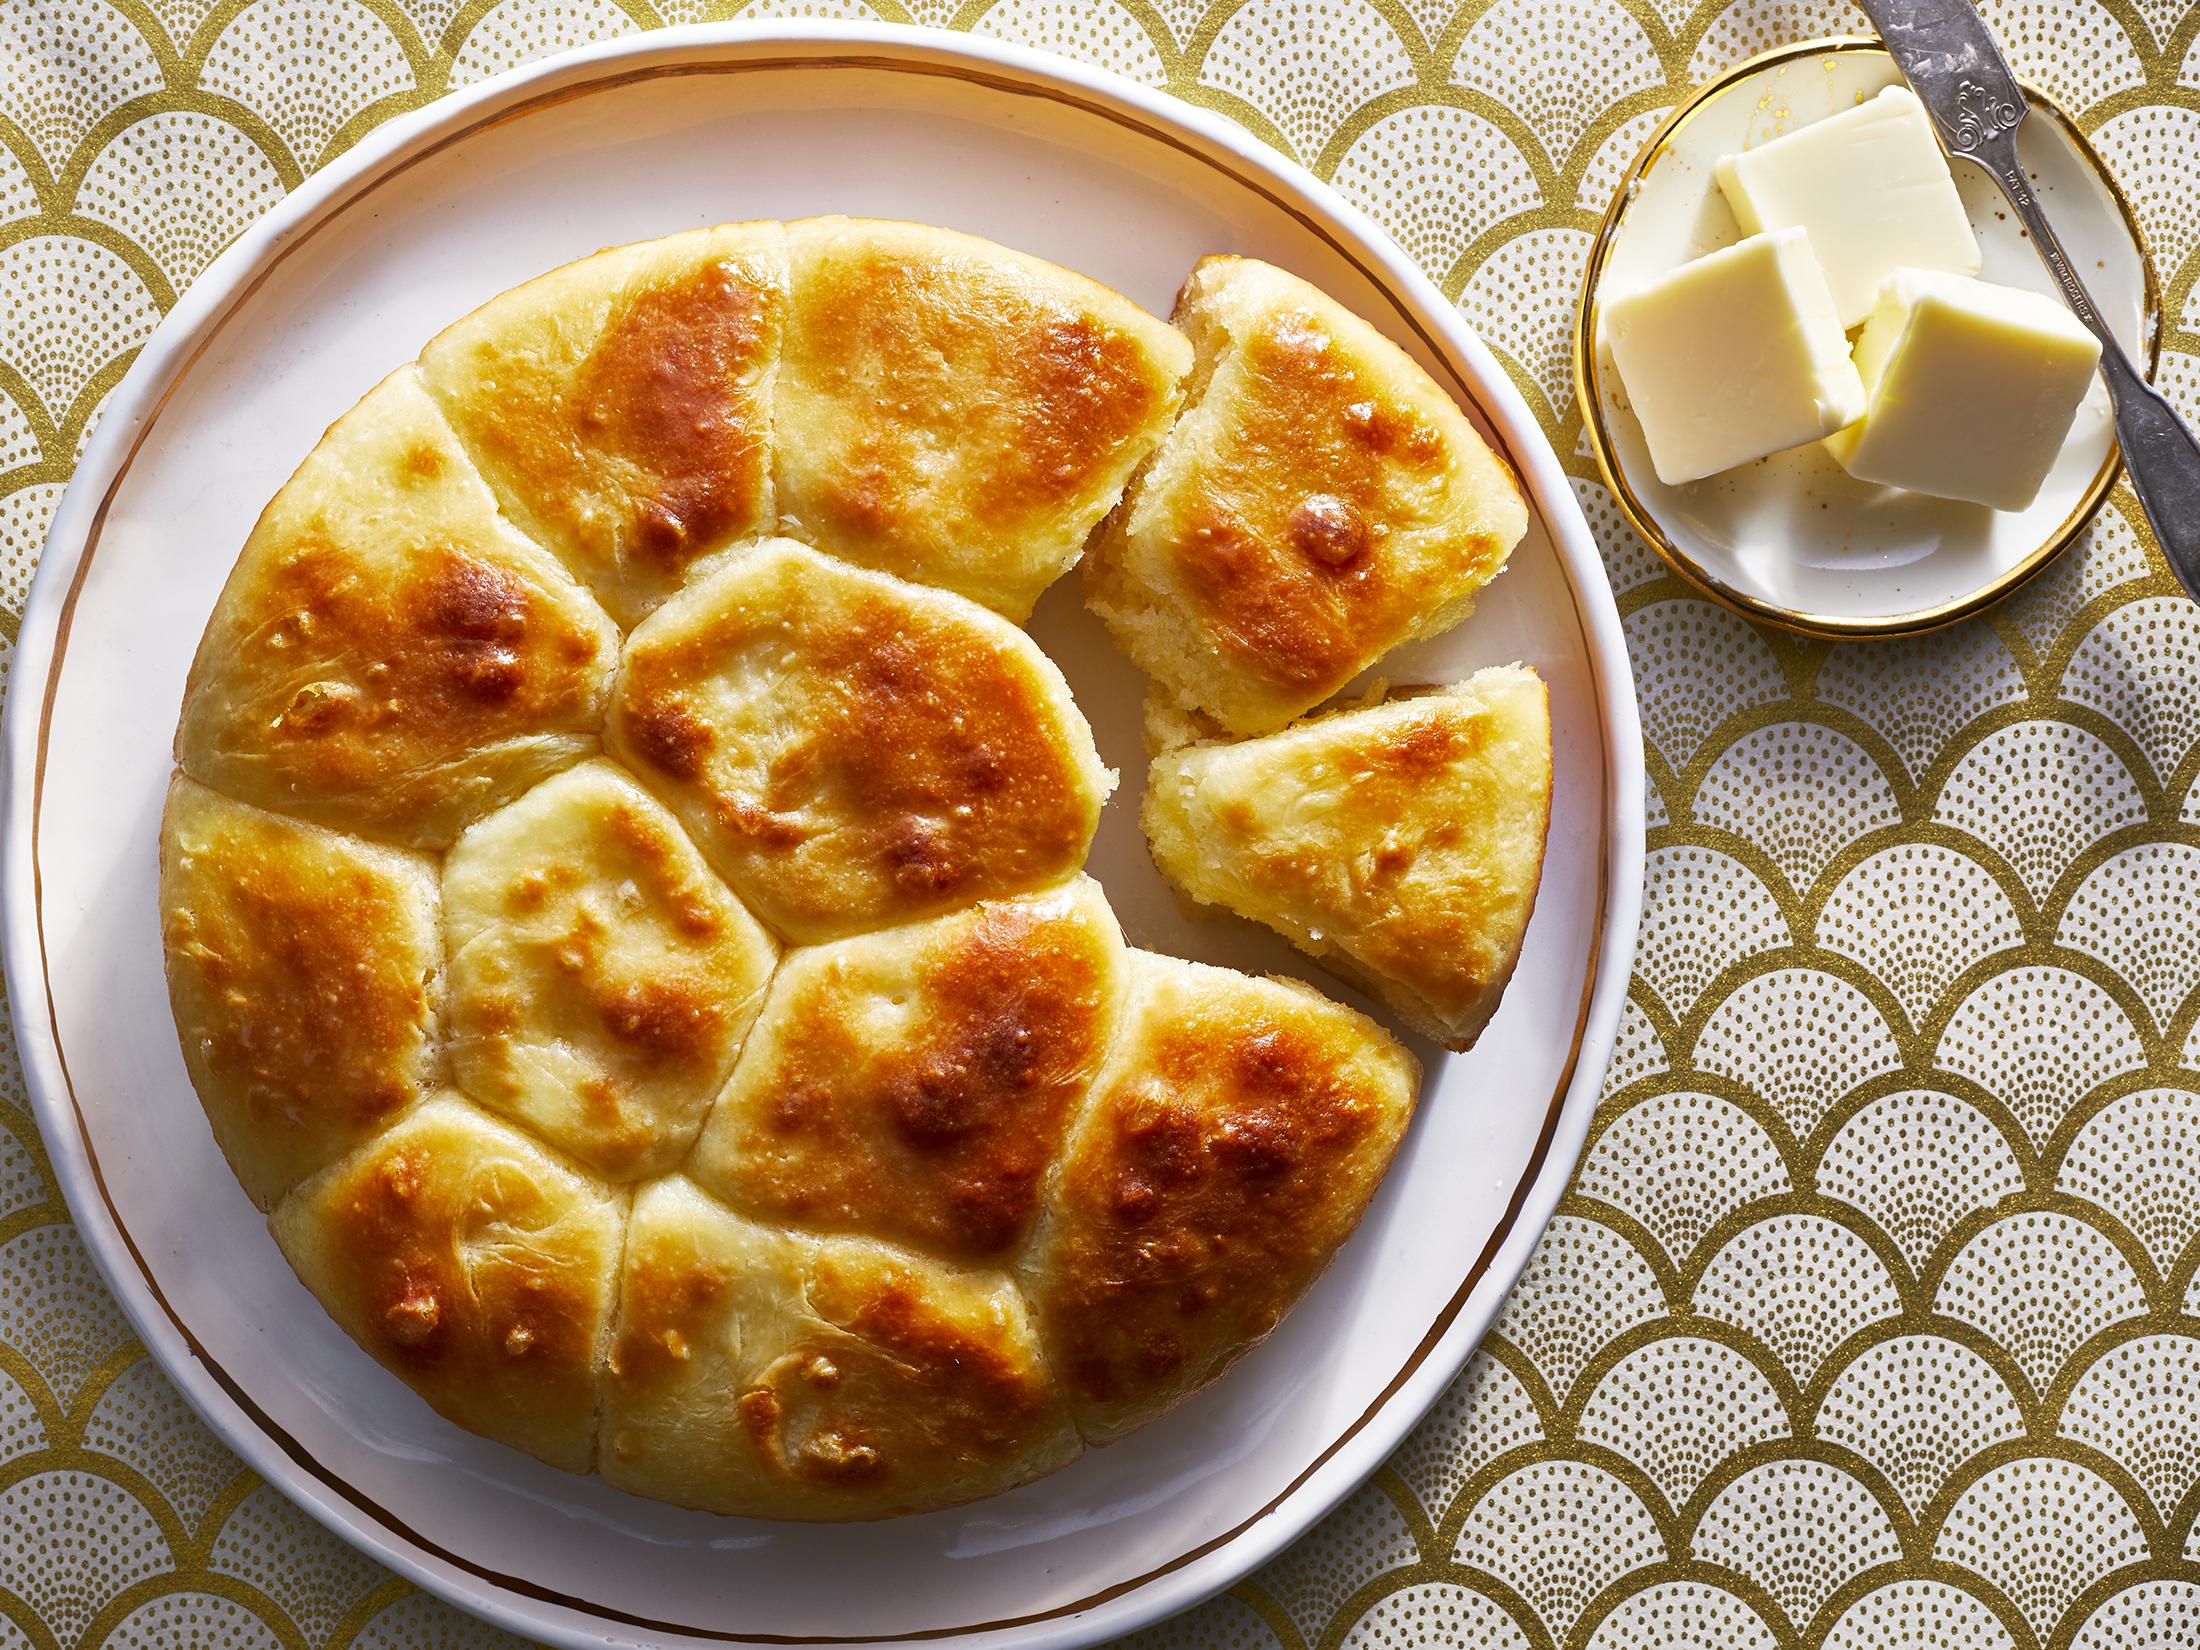 mr-homemade-dinner-rolls